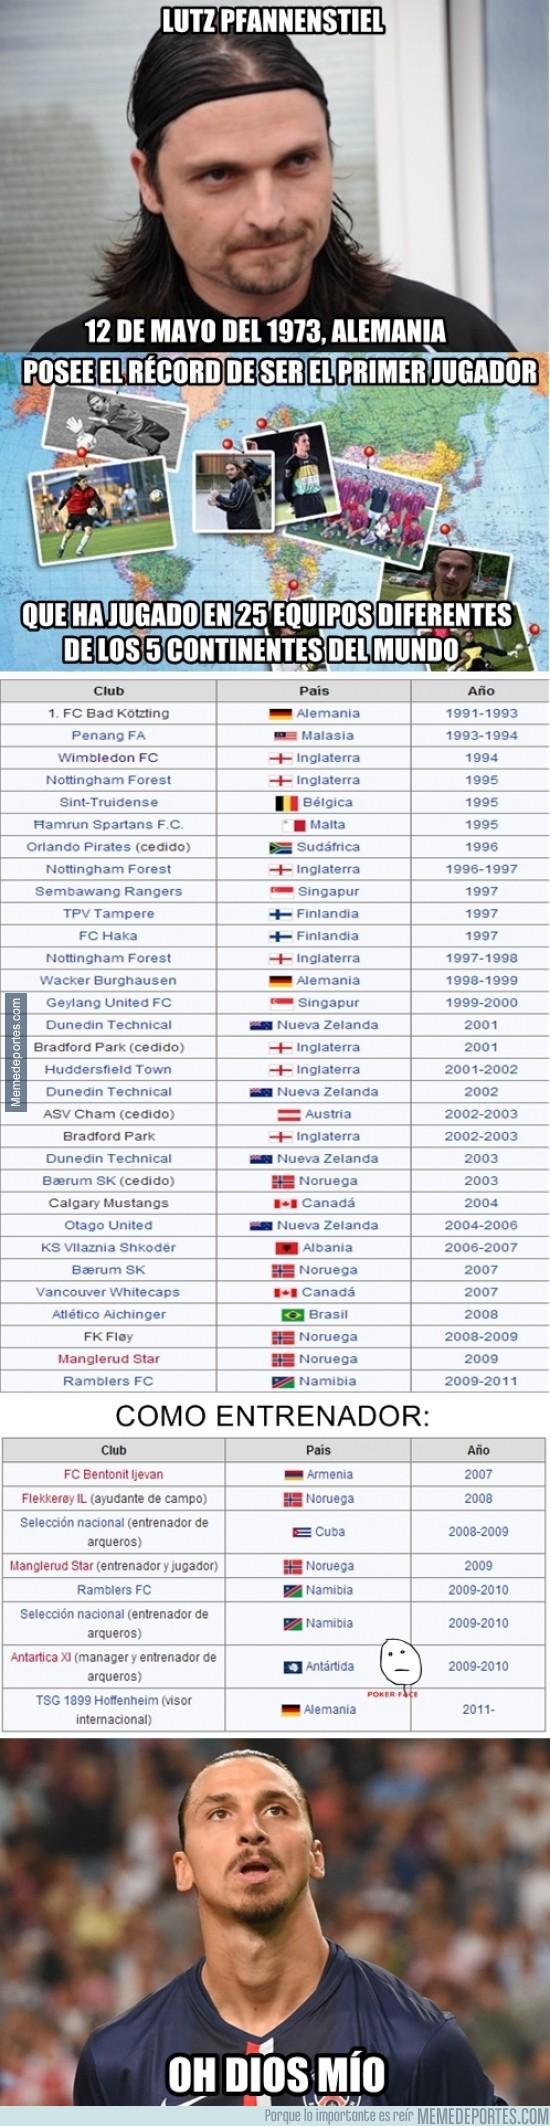 448304 - Lutz Pfannenstiel, ahora va a por el récord de entrenador